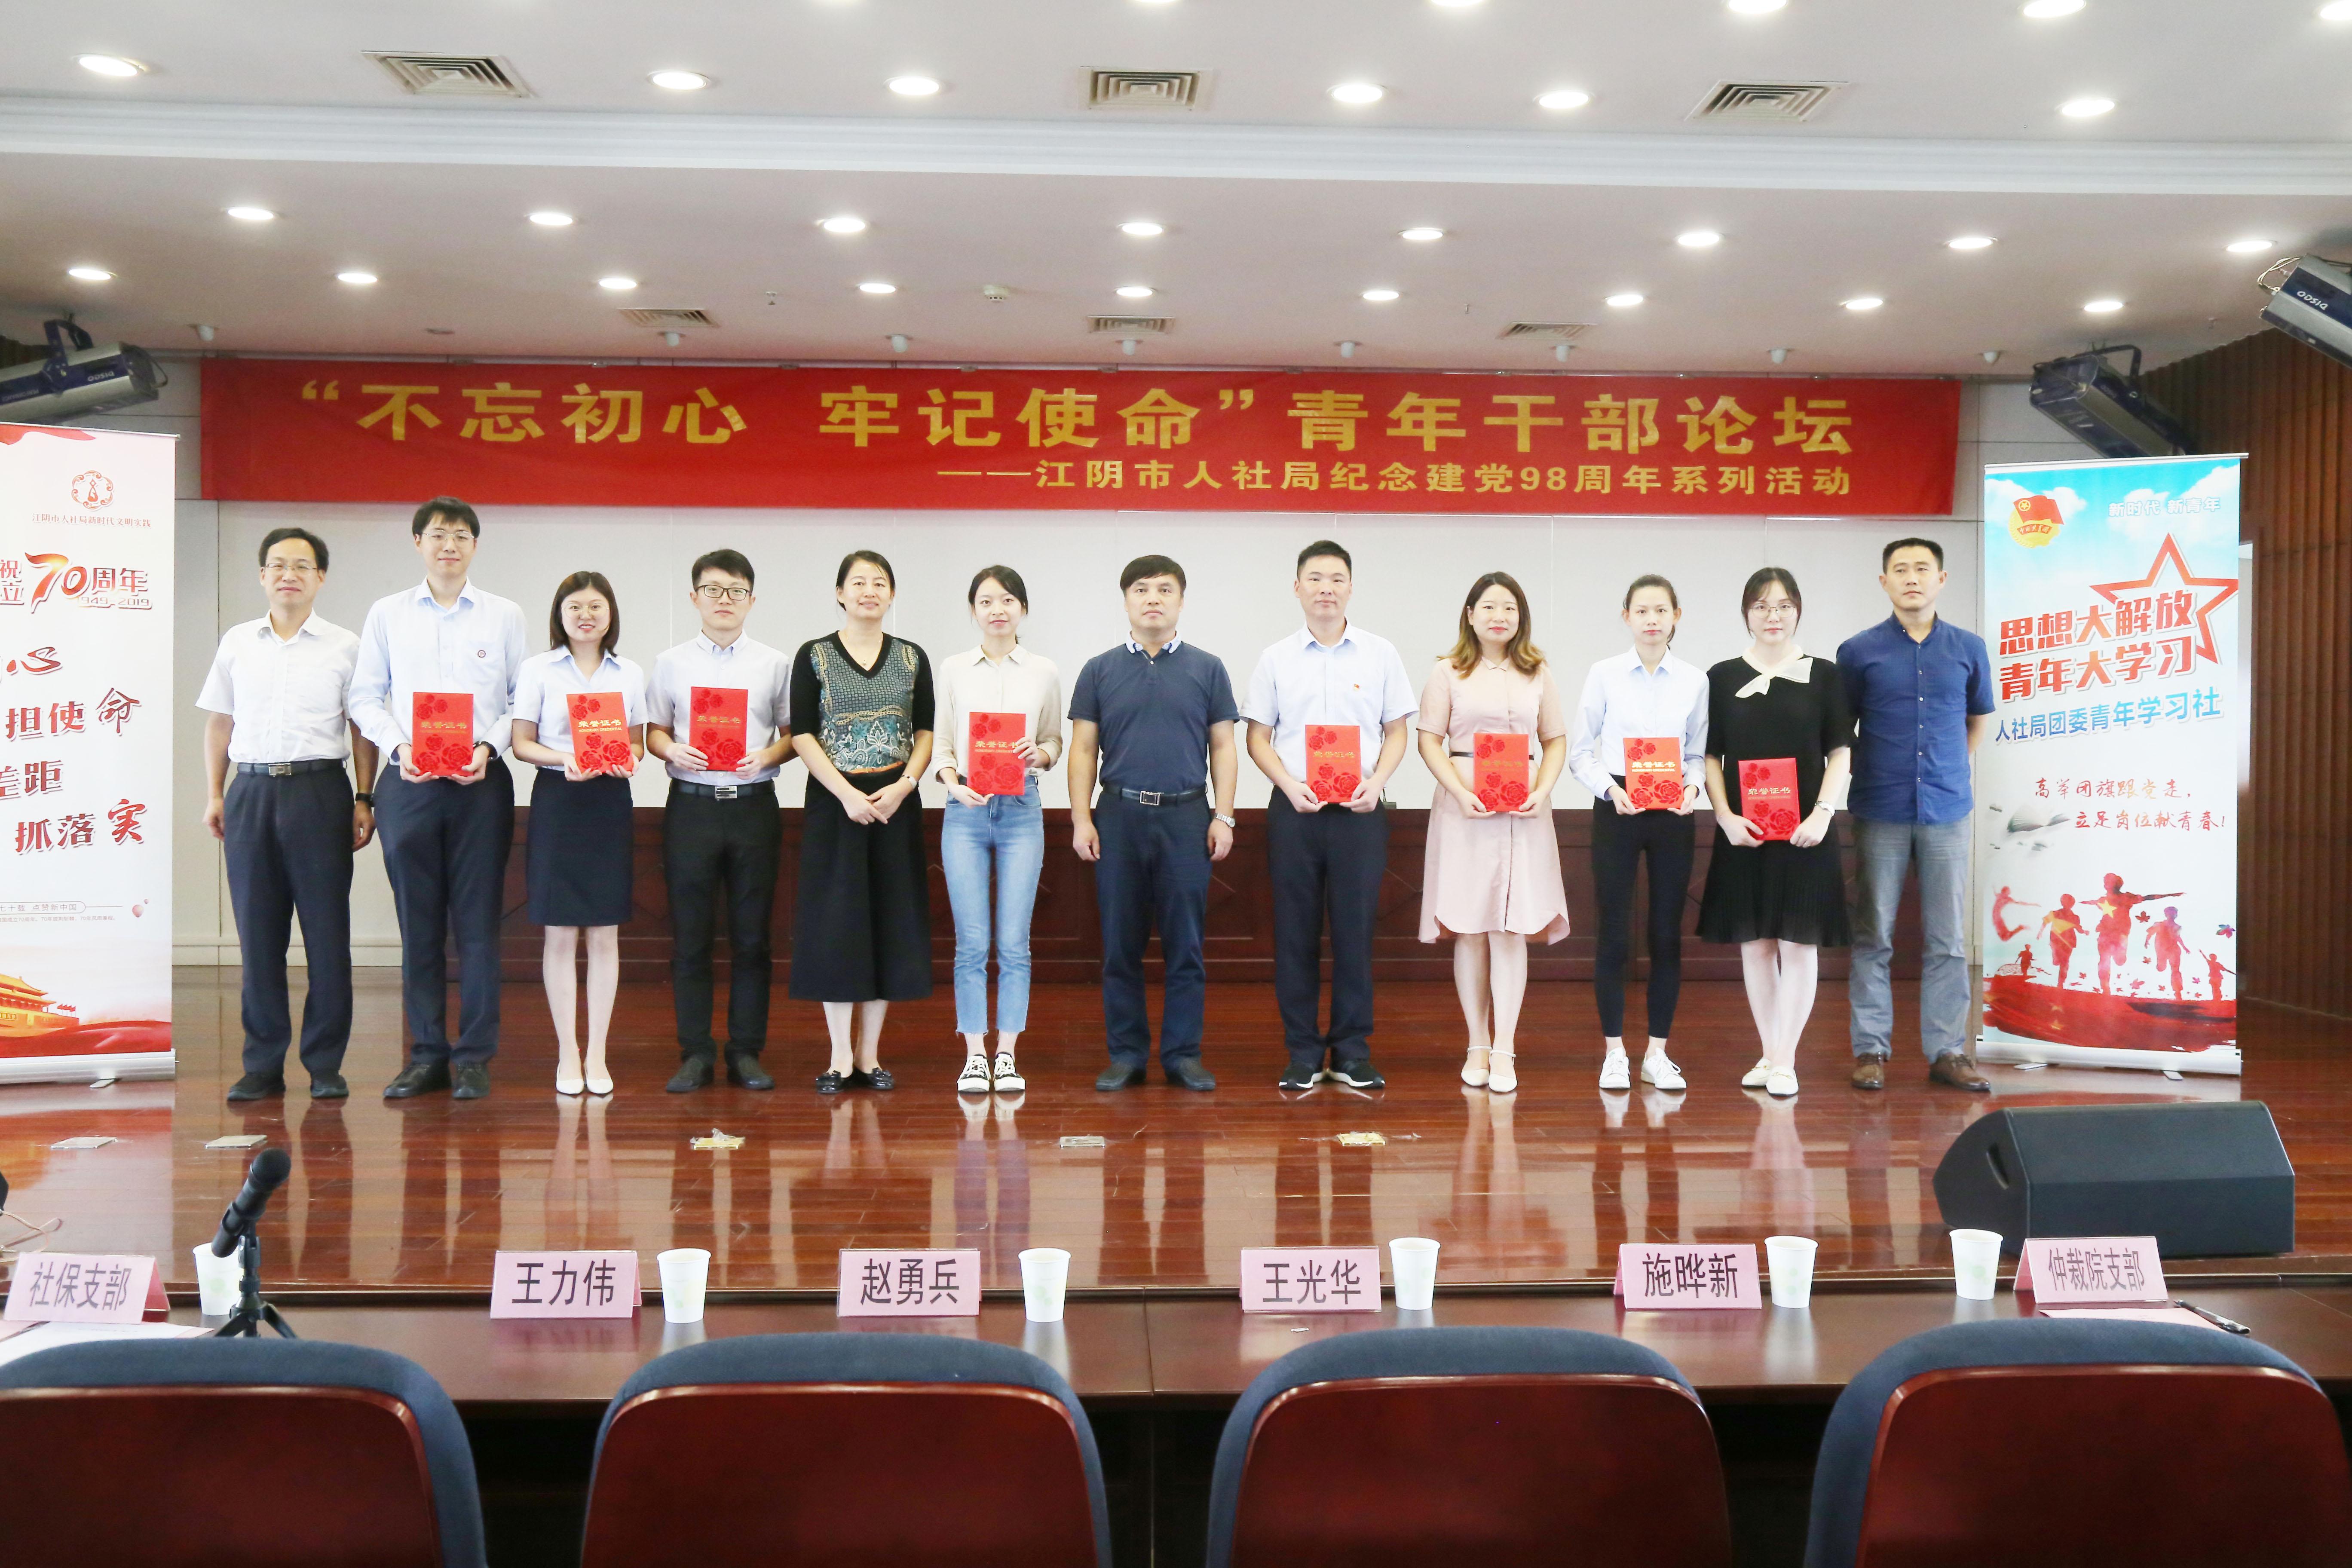 展青春风采,扬奋斗之帆――人社局举办青年干部论坛活动